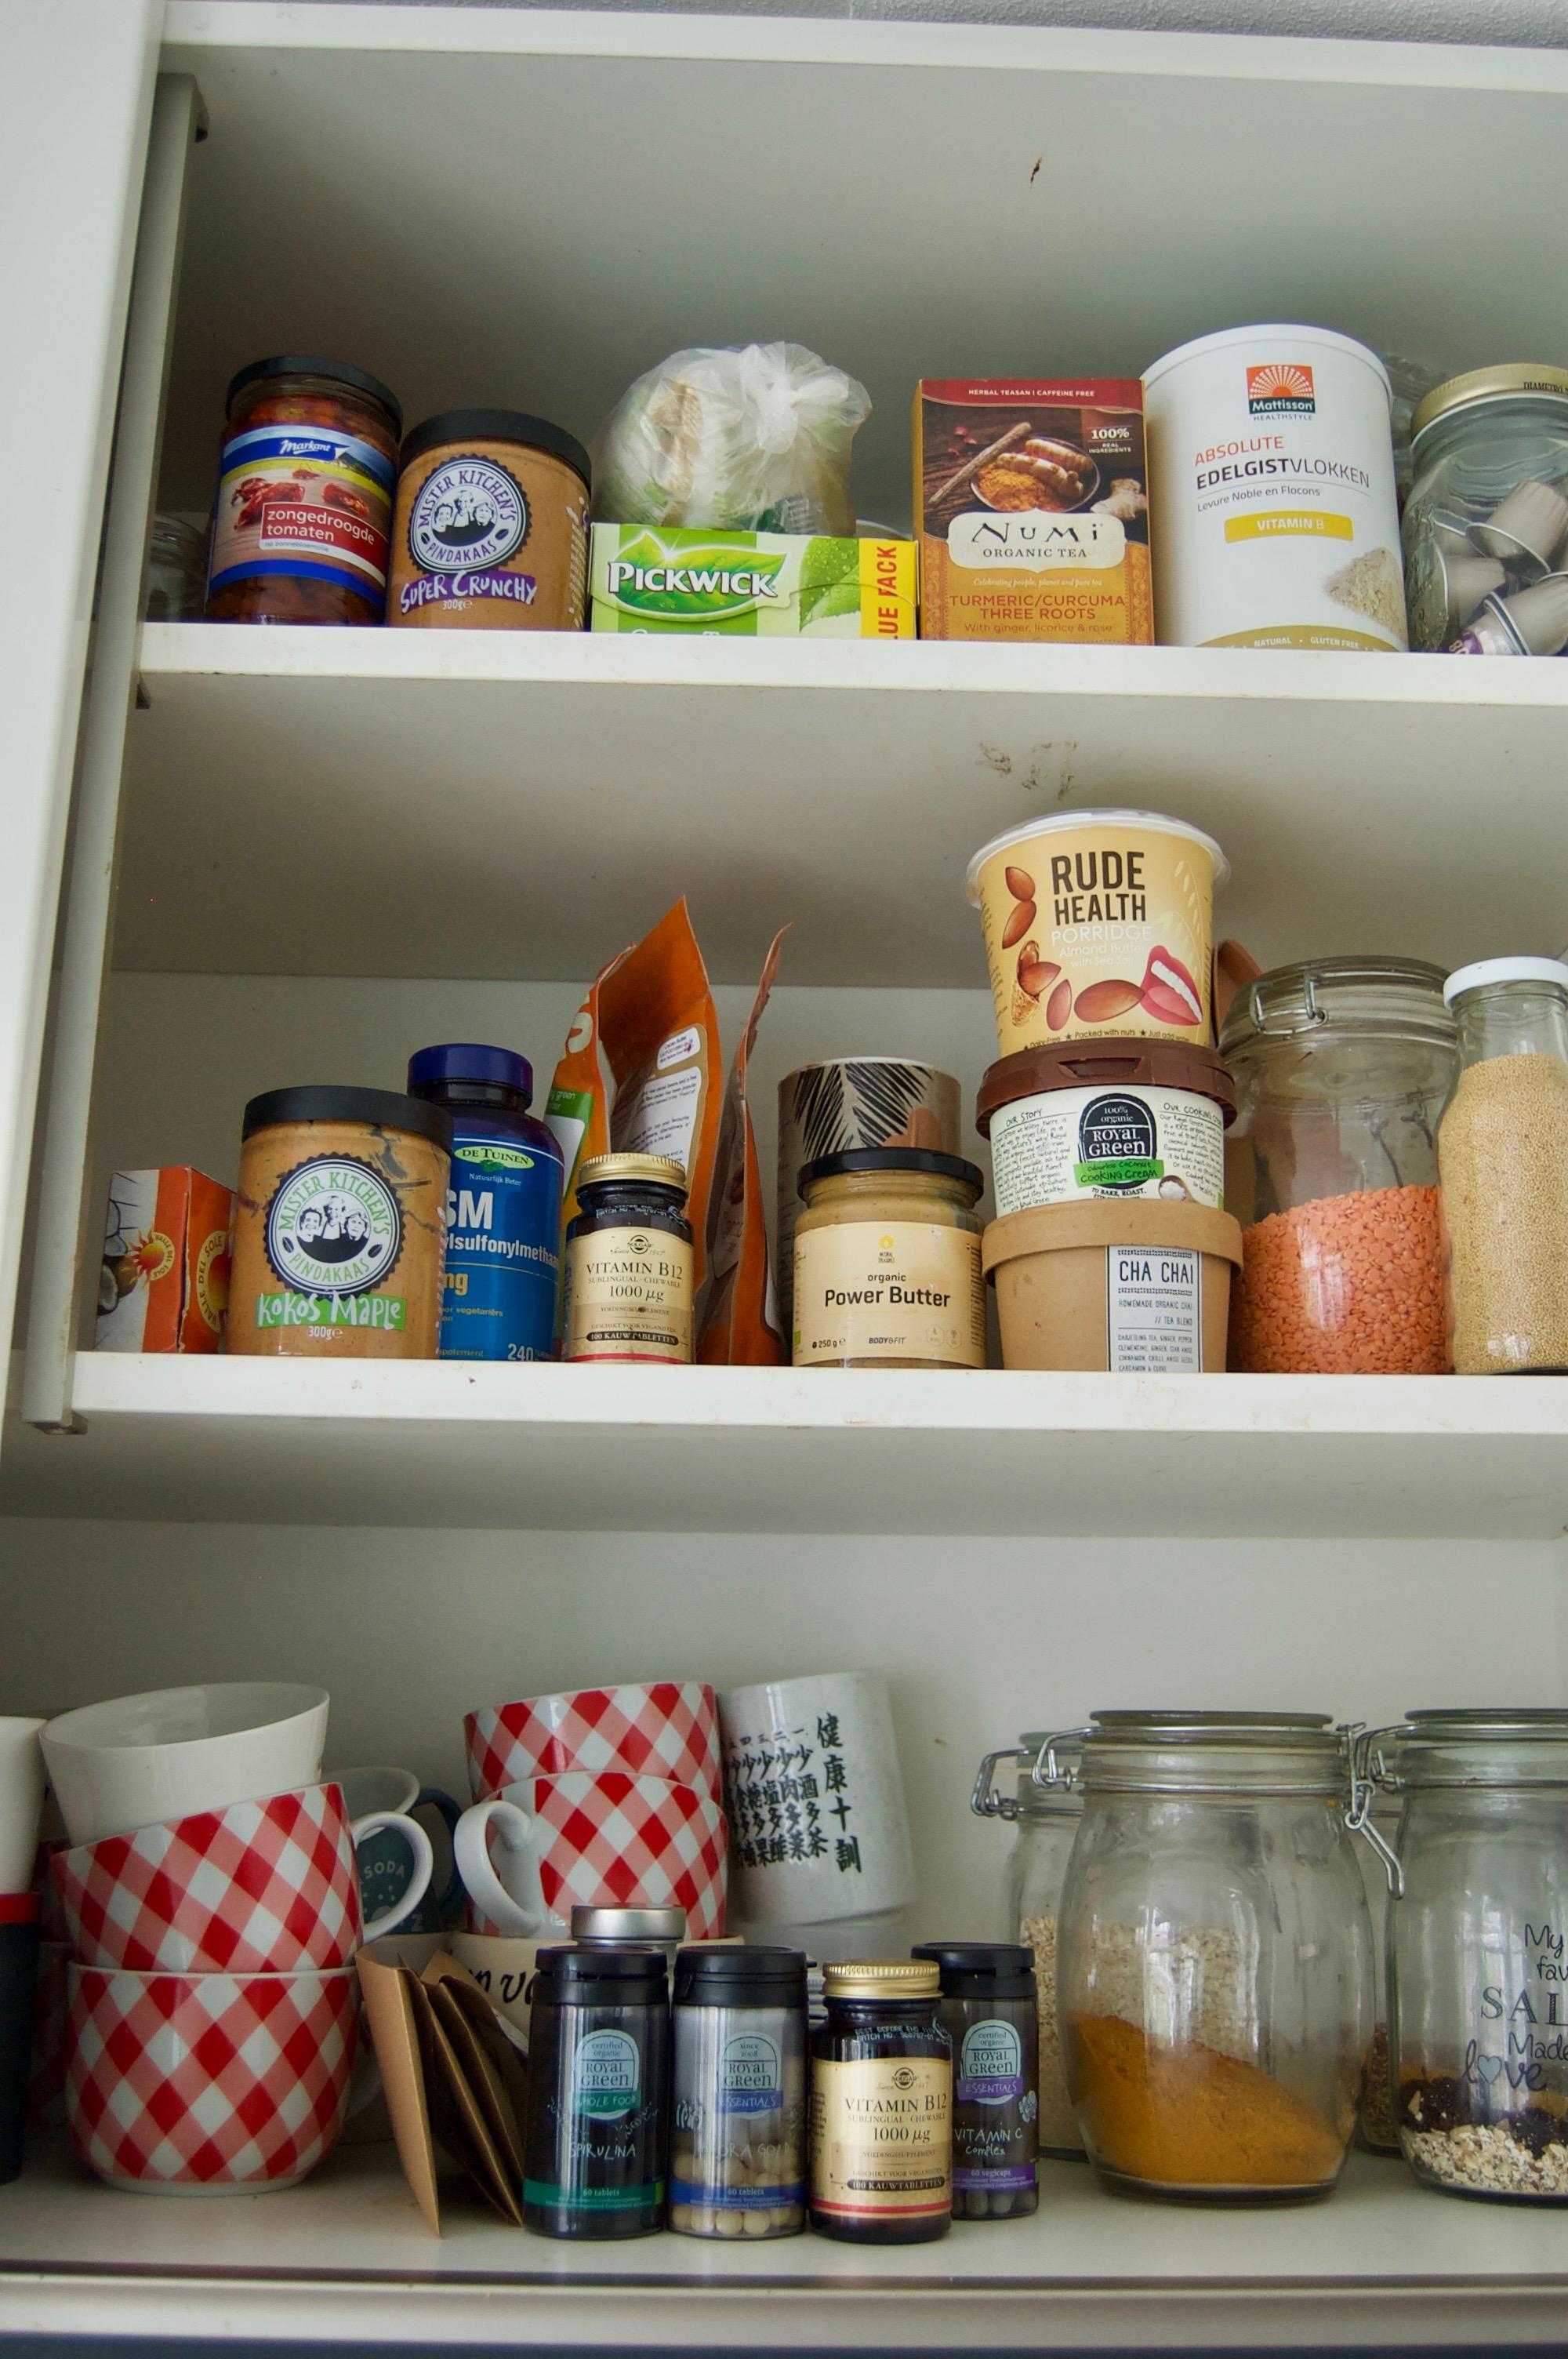 een kijkje in de keuken van lisa goes vegan10